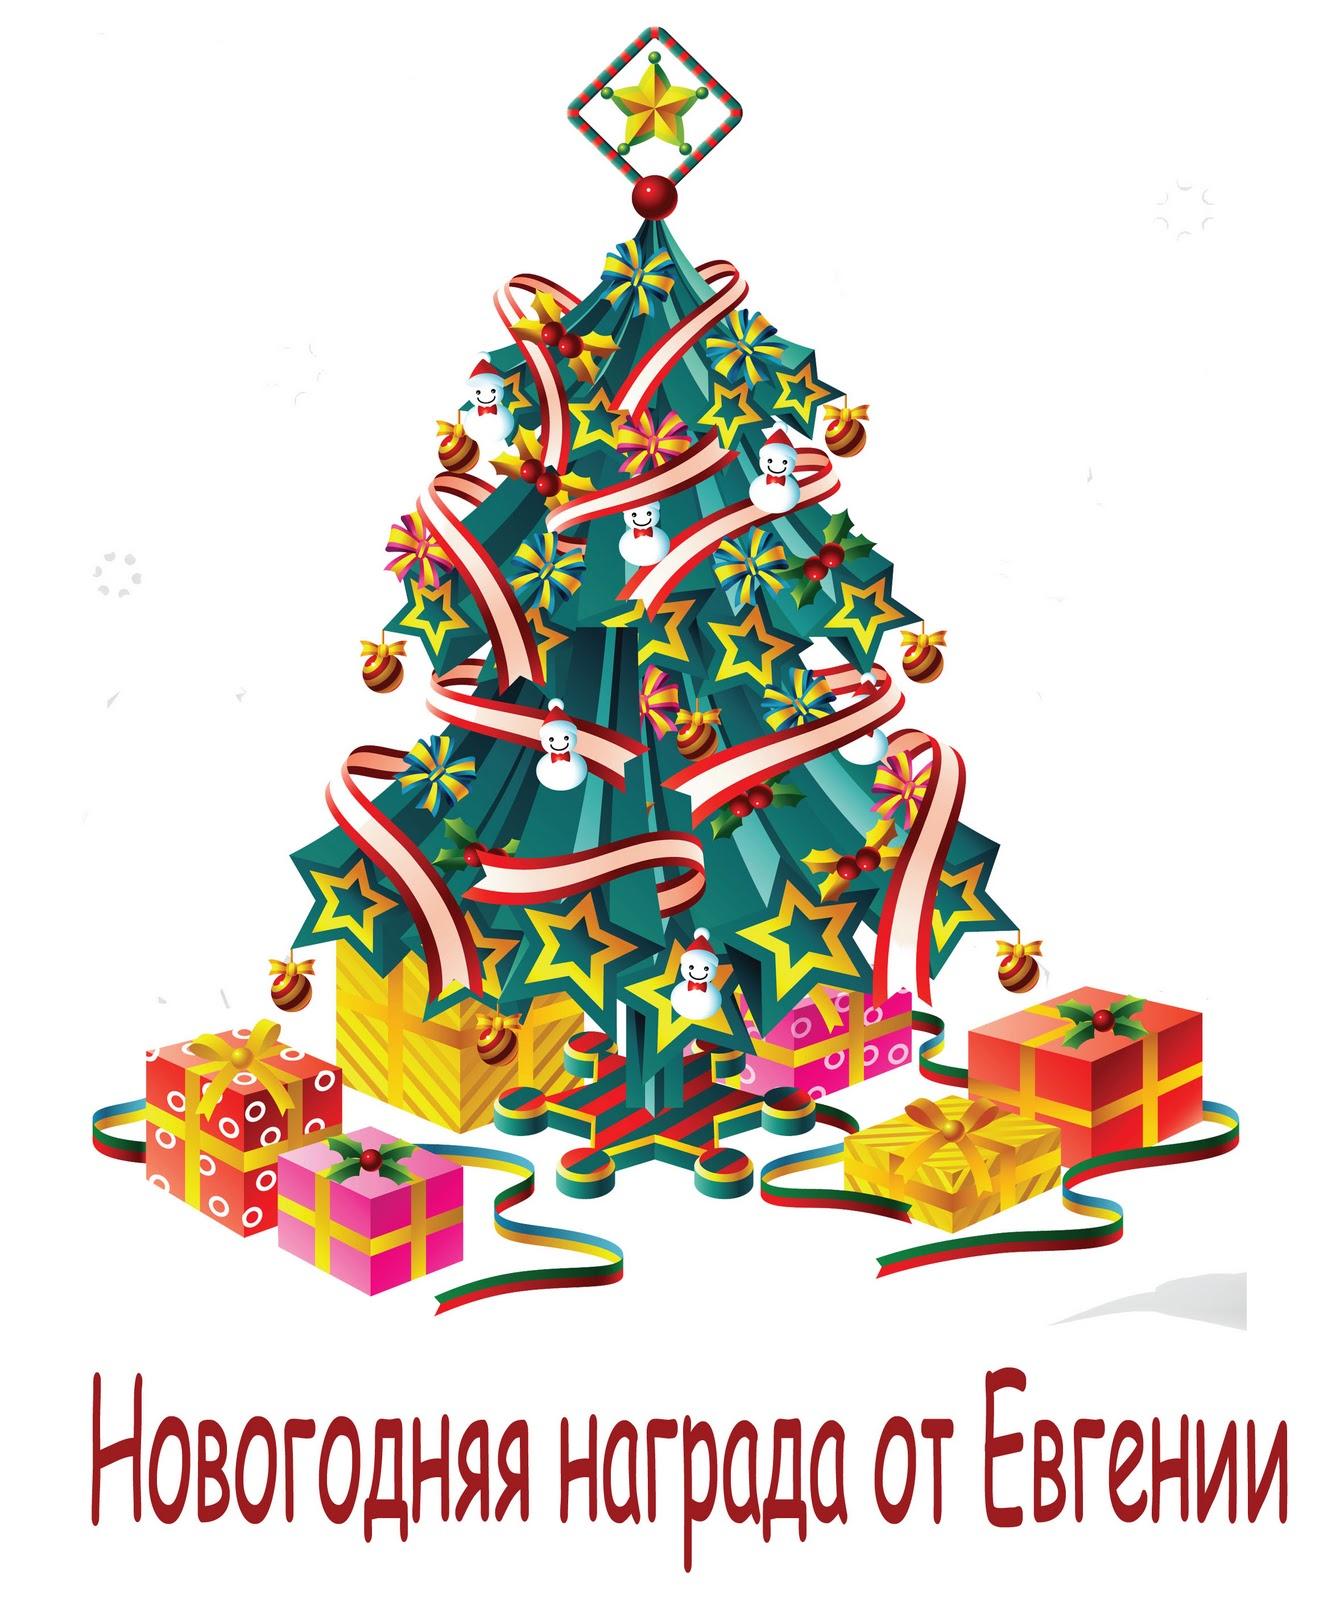 Новогодняя награда от Евгении